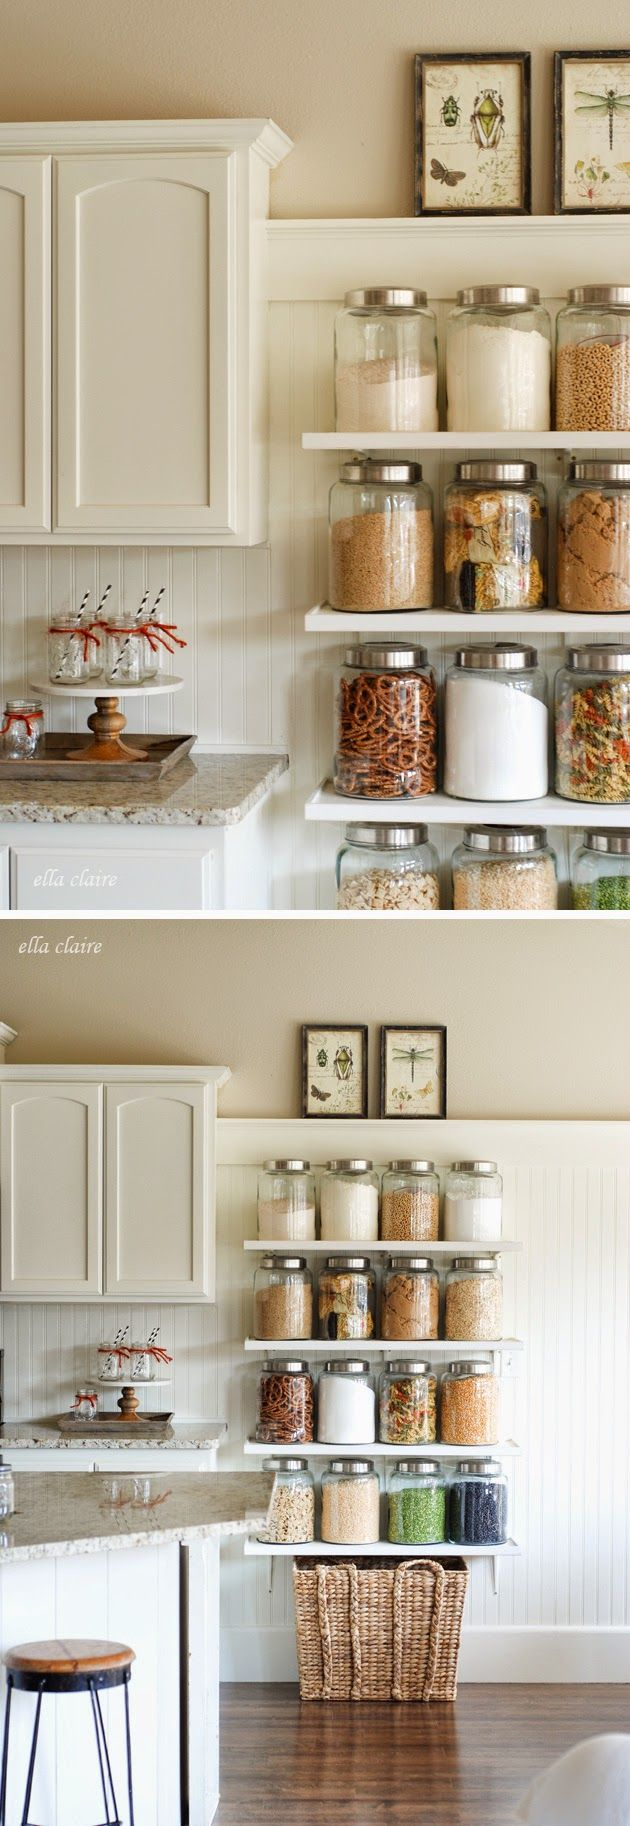 7 id es simples et efficaces pour ranger votre cuisine - Astuce rangement petite cuisine ...